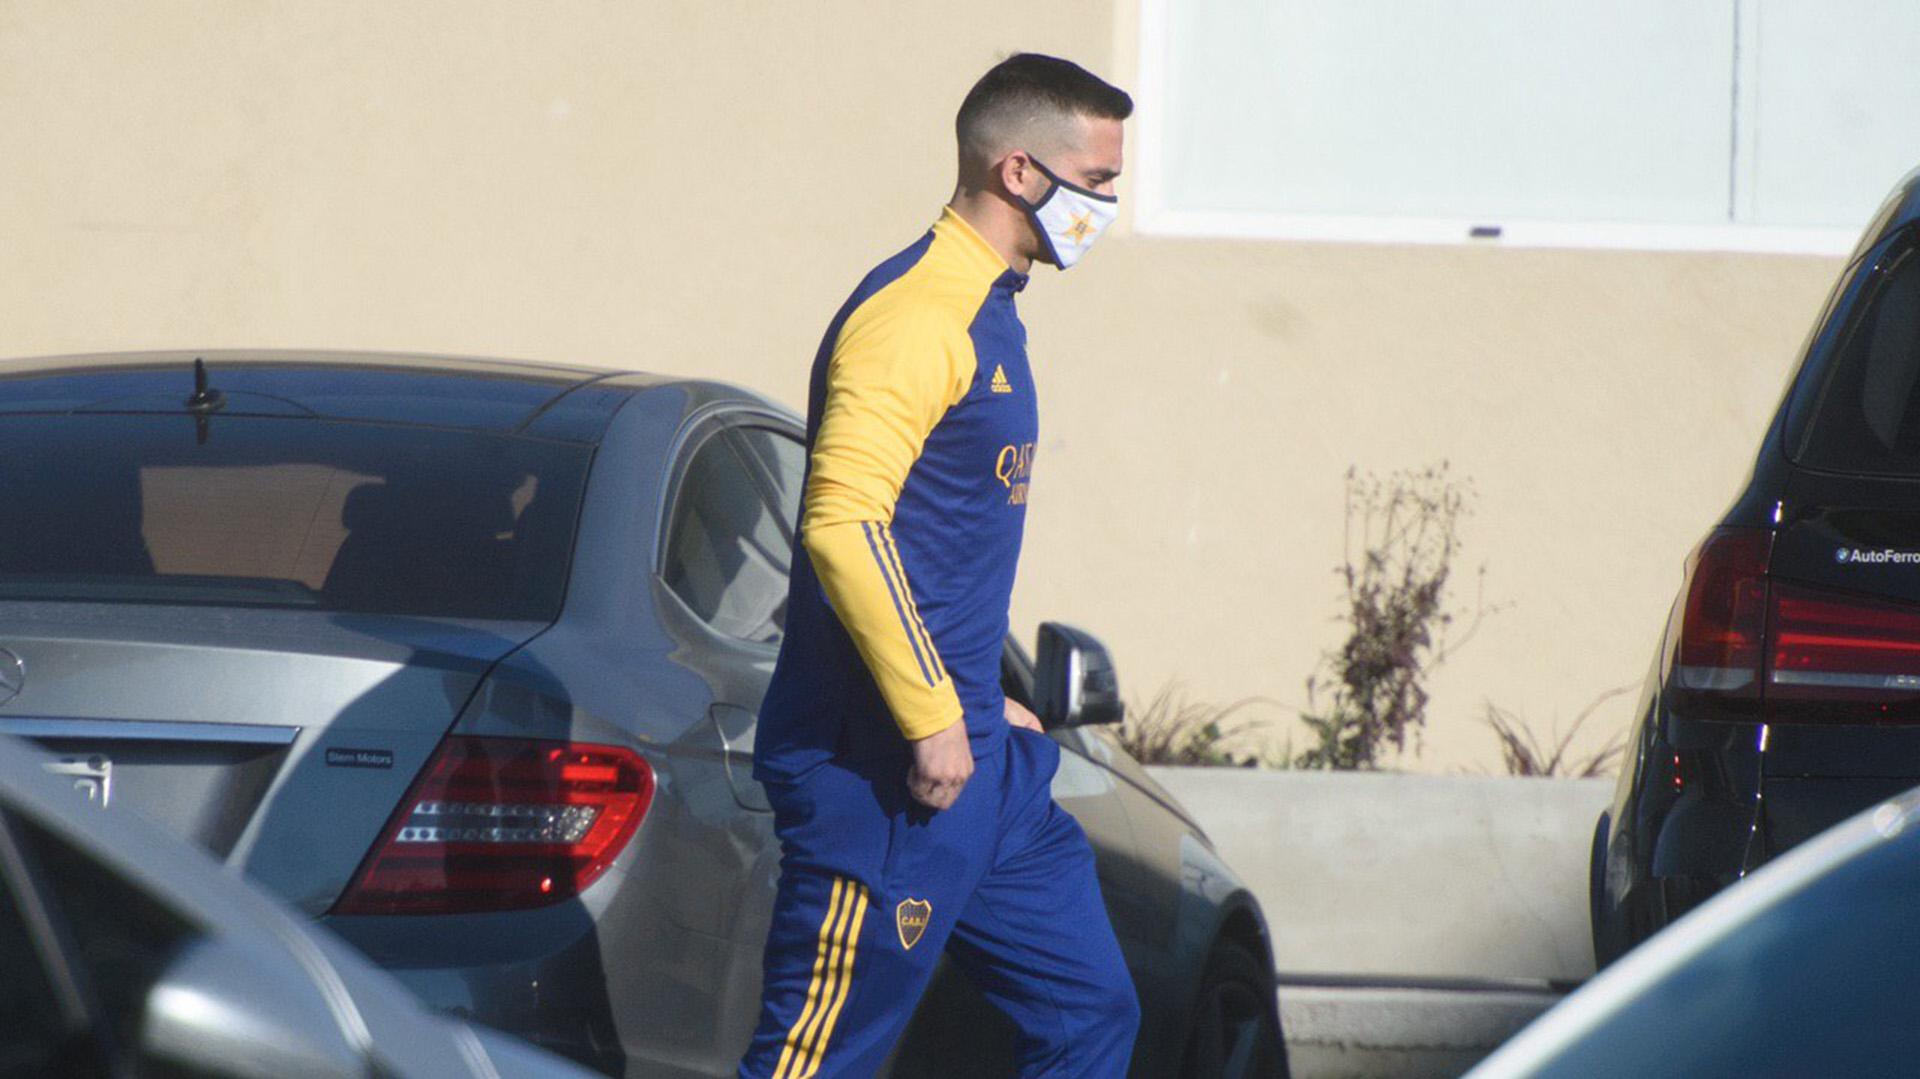 El futuro de Iván Marcone es una incógnita, dado que podría continuar su carrera en Independiente